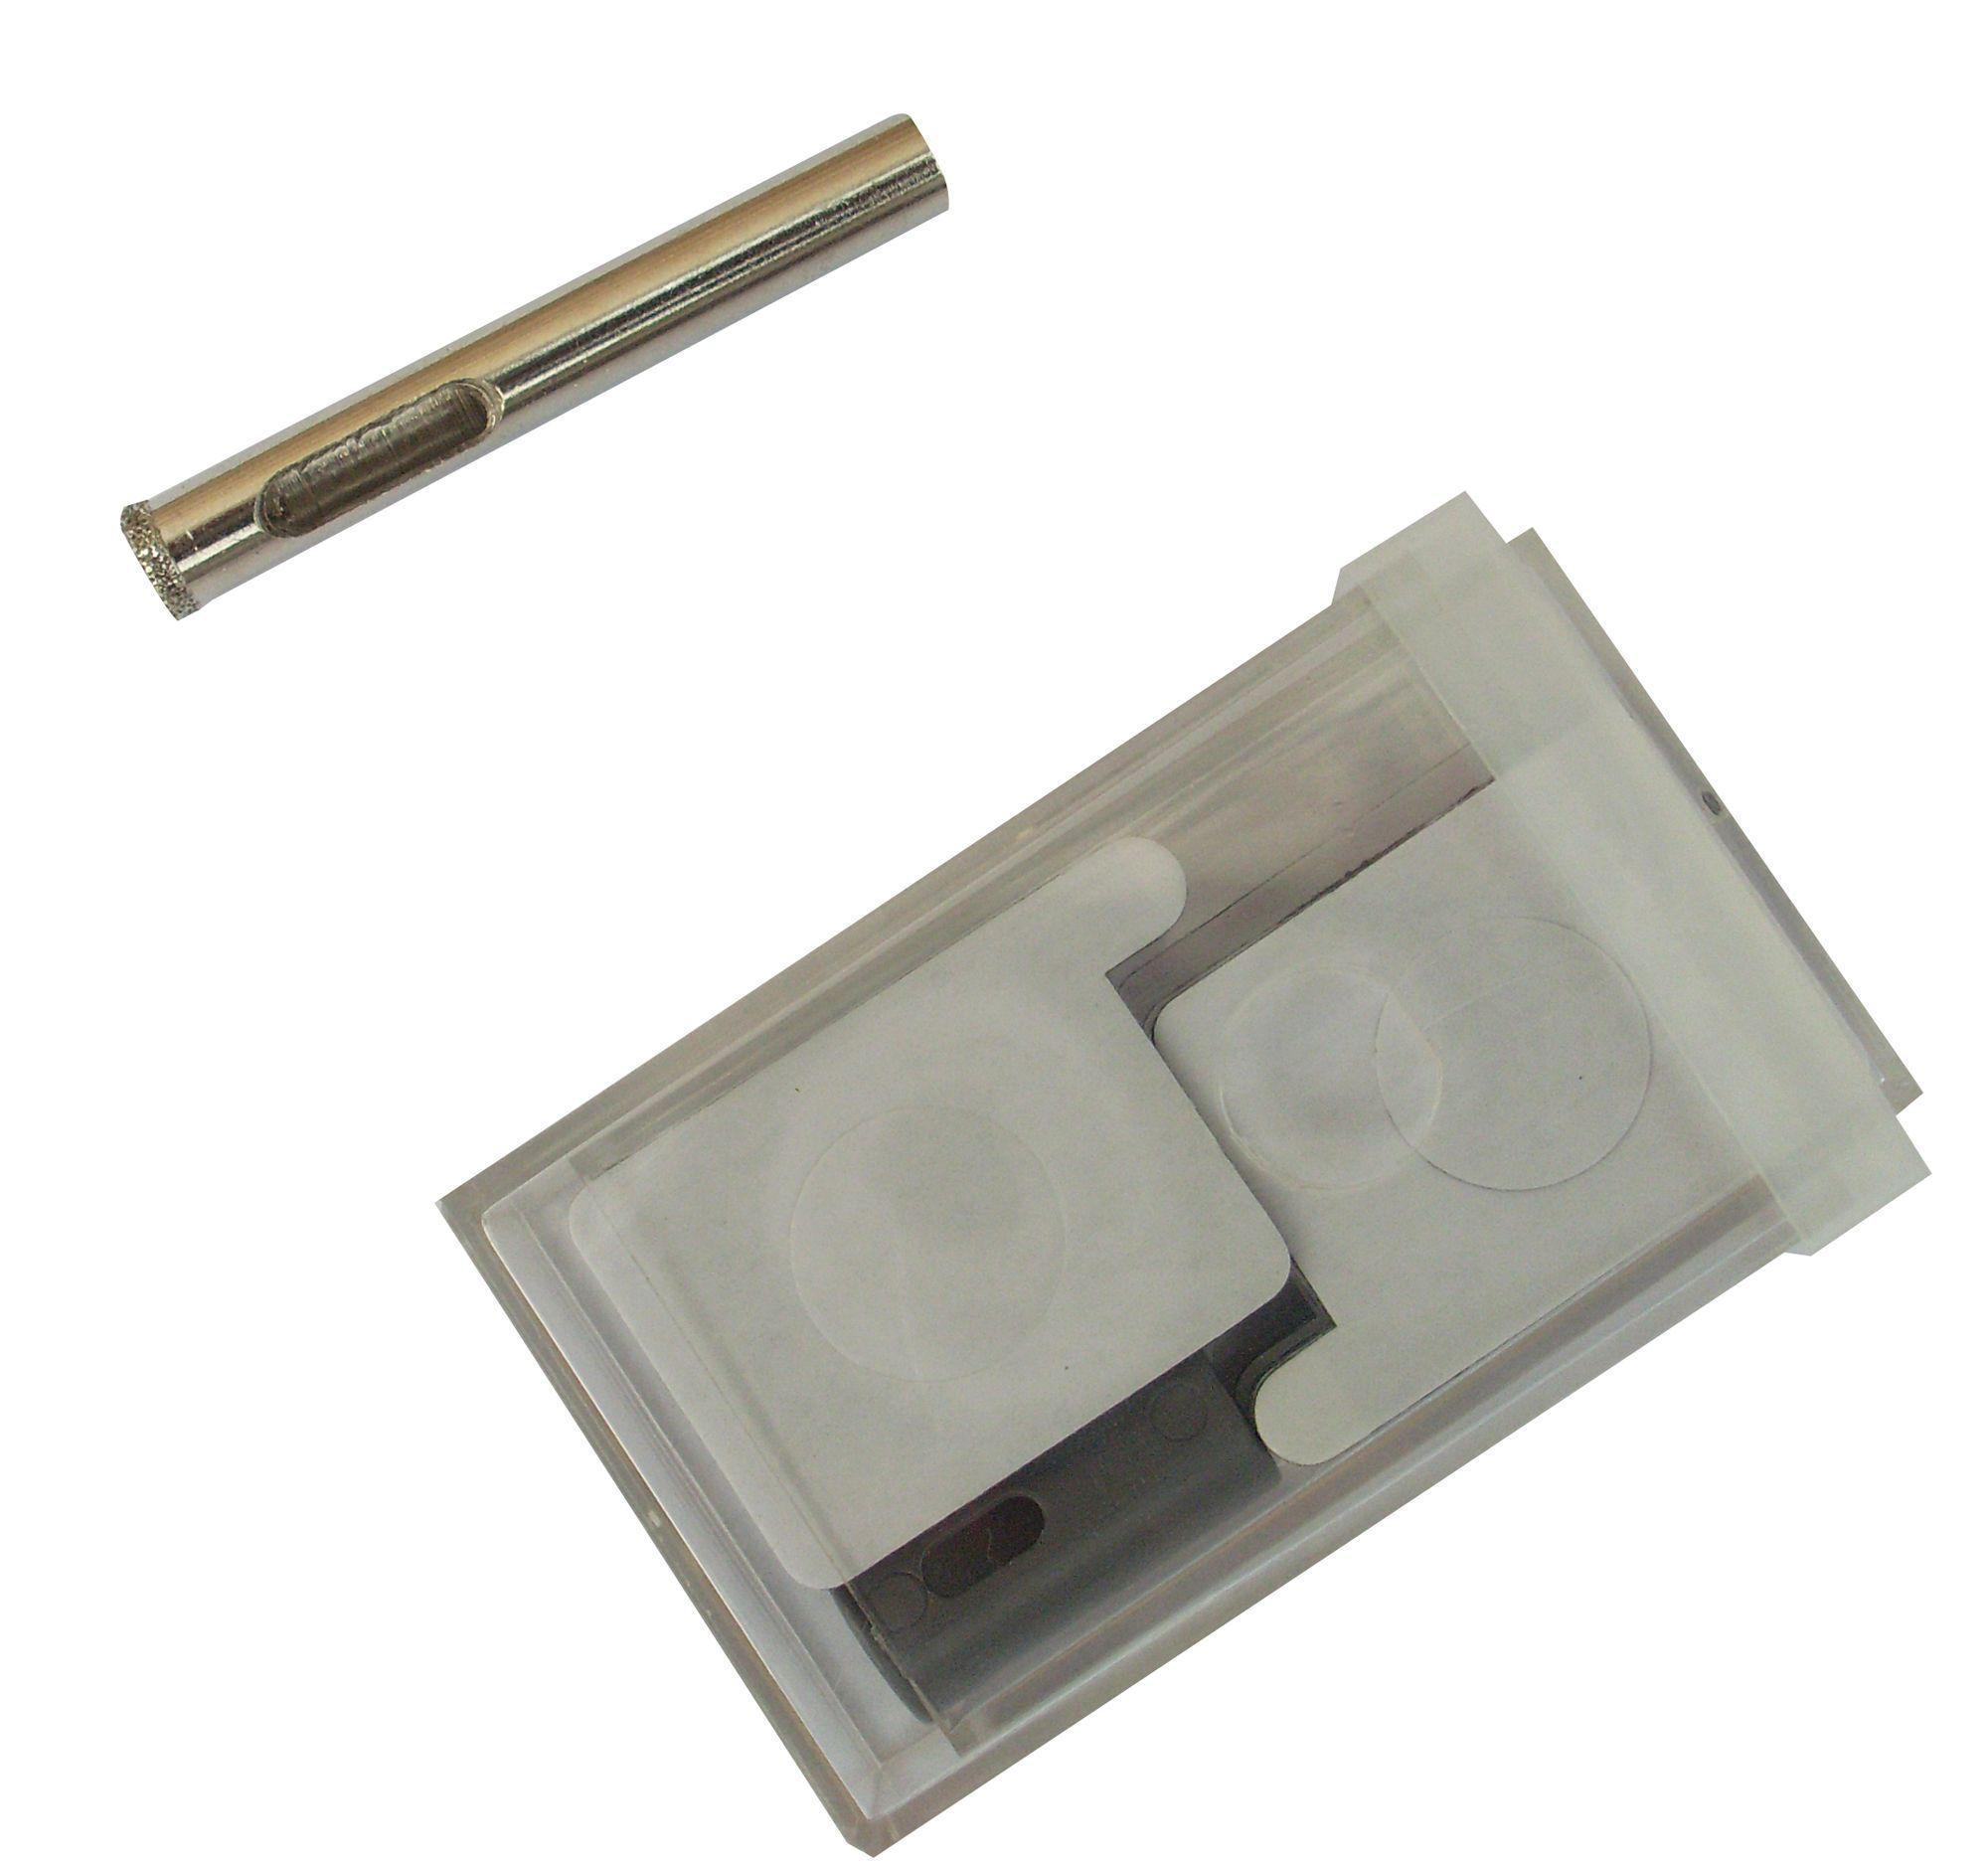 B&q Tile Drill Bit (dia)8mm (l)75mm